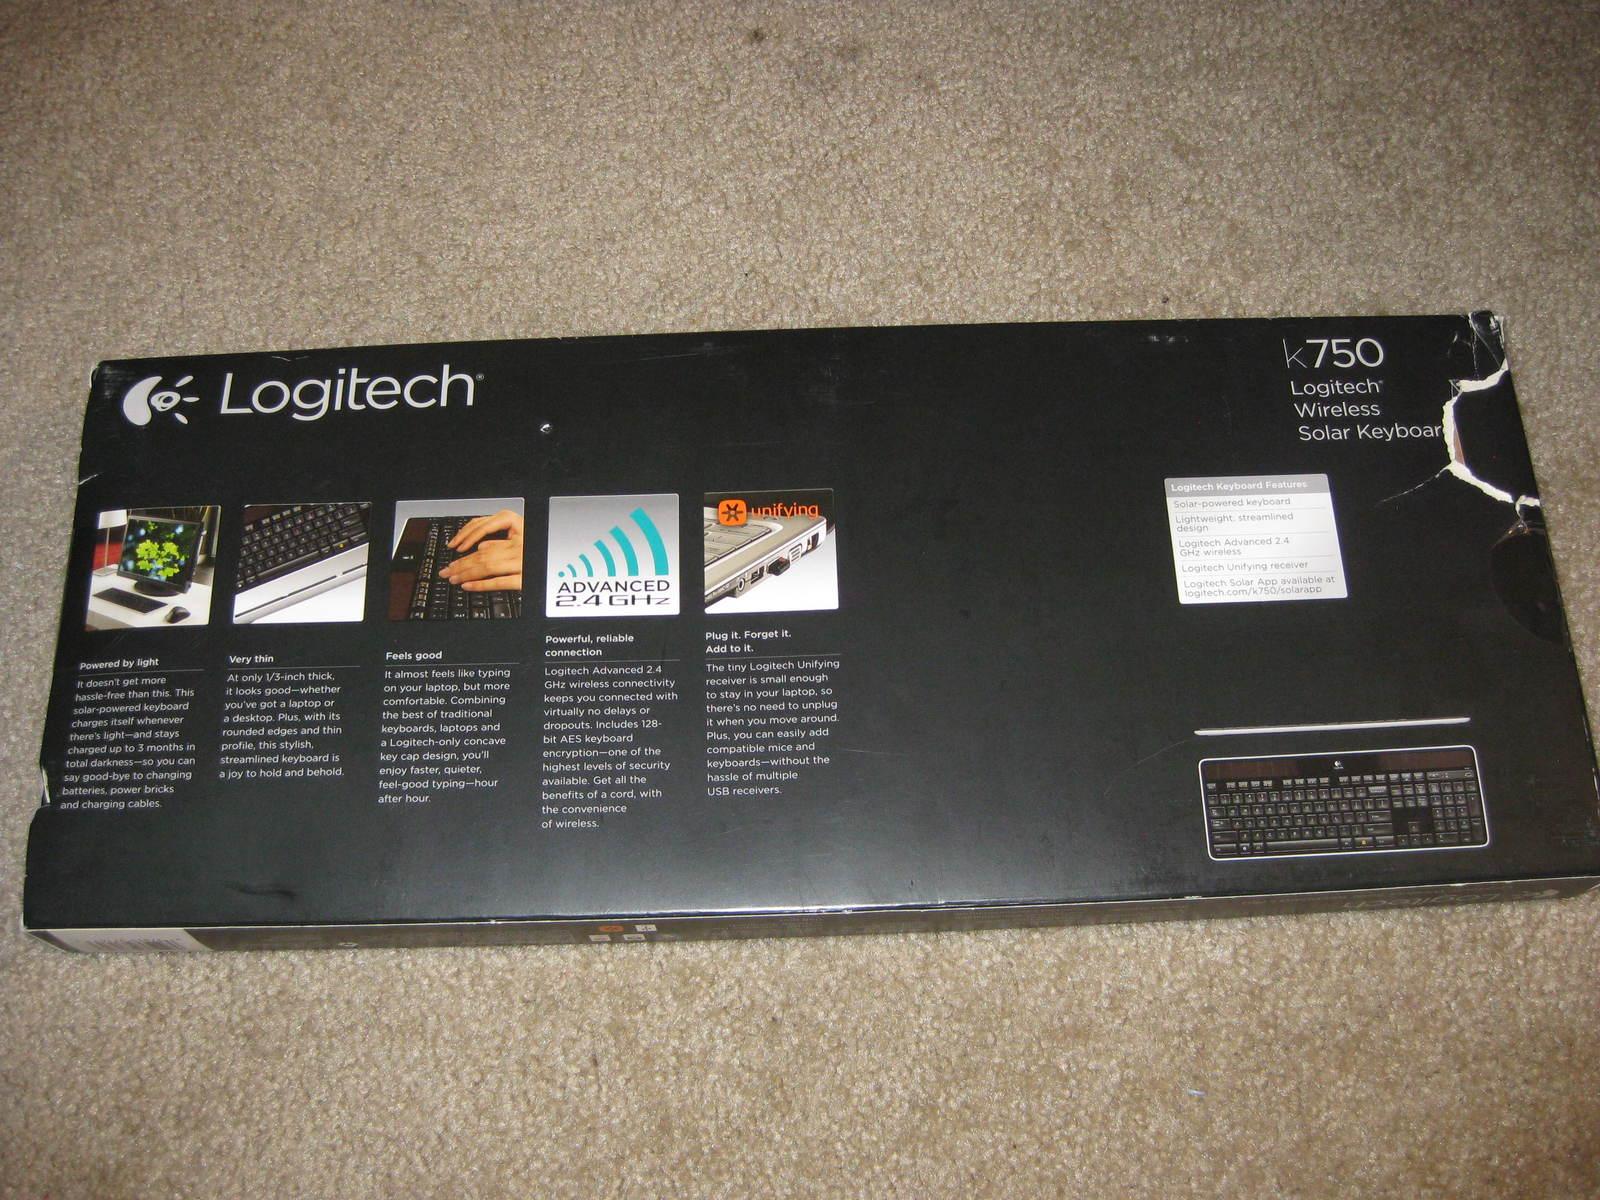 Logitech Wireless Solar Keyboard K750 image 2